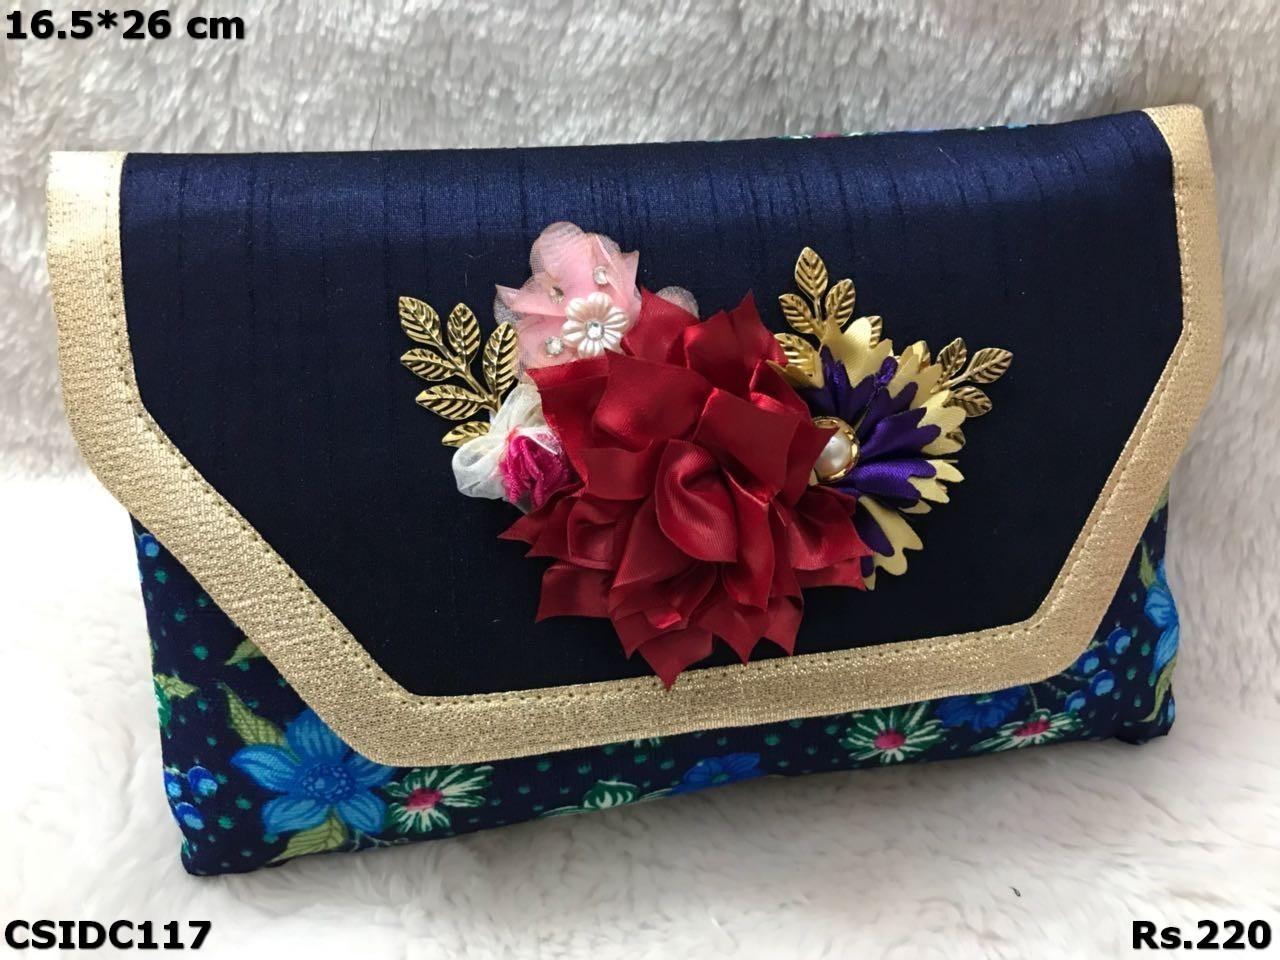 Raw Silk Floral Printed Clutch